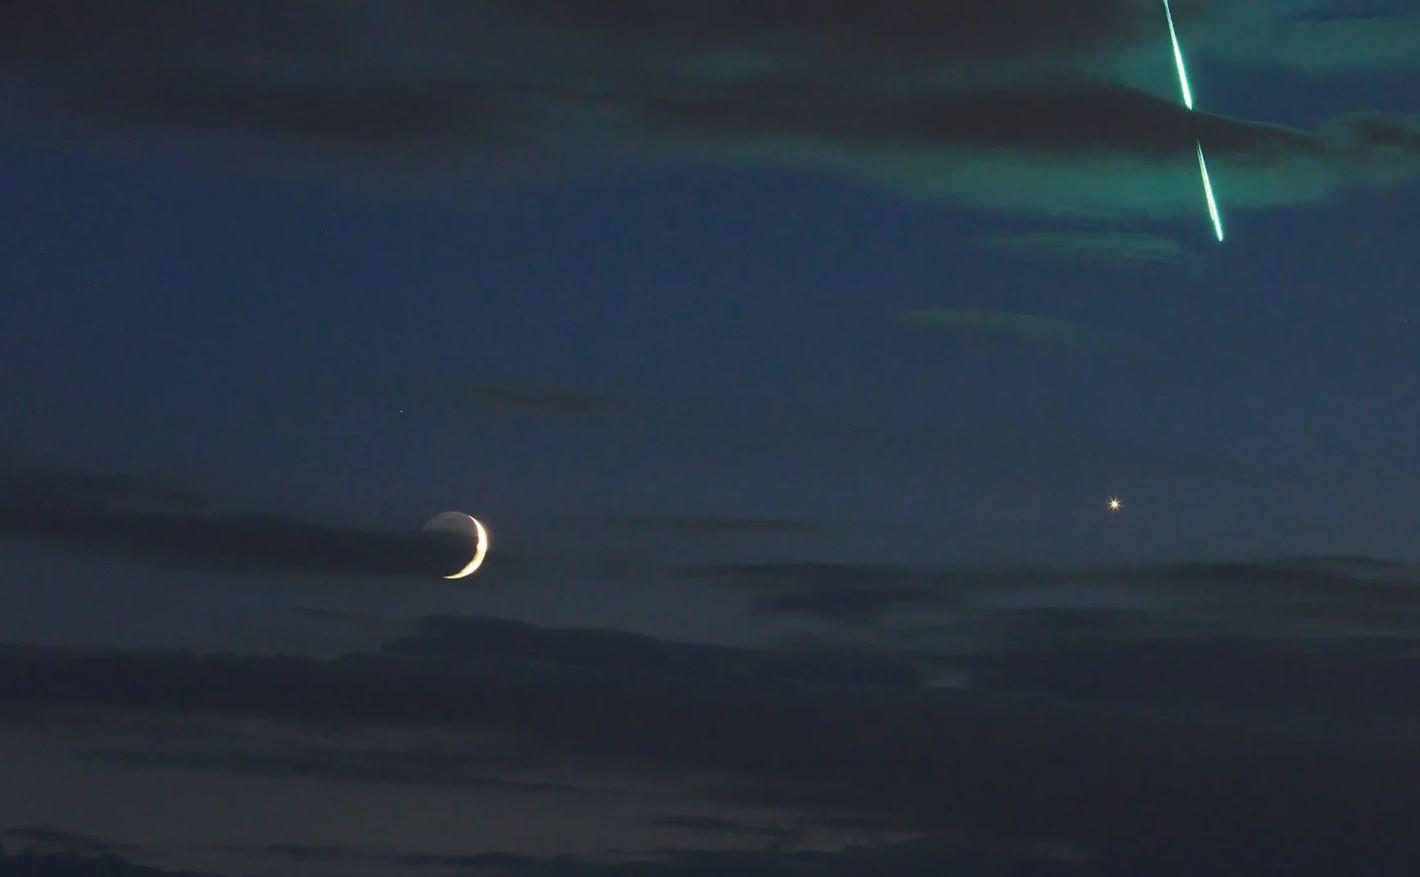 Mientras fotografiaba la conjunción de la luna en Venus el 16 de junio de 2018, el astrofotógrafo Uwe Reichert capturó este meteoro de bola de fuego de color verde mientras caía del espacio y explotaba en la atmósfera de la Tierra sobre Bélgica.